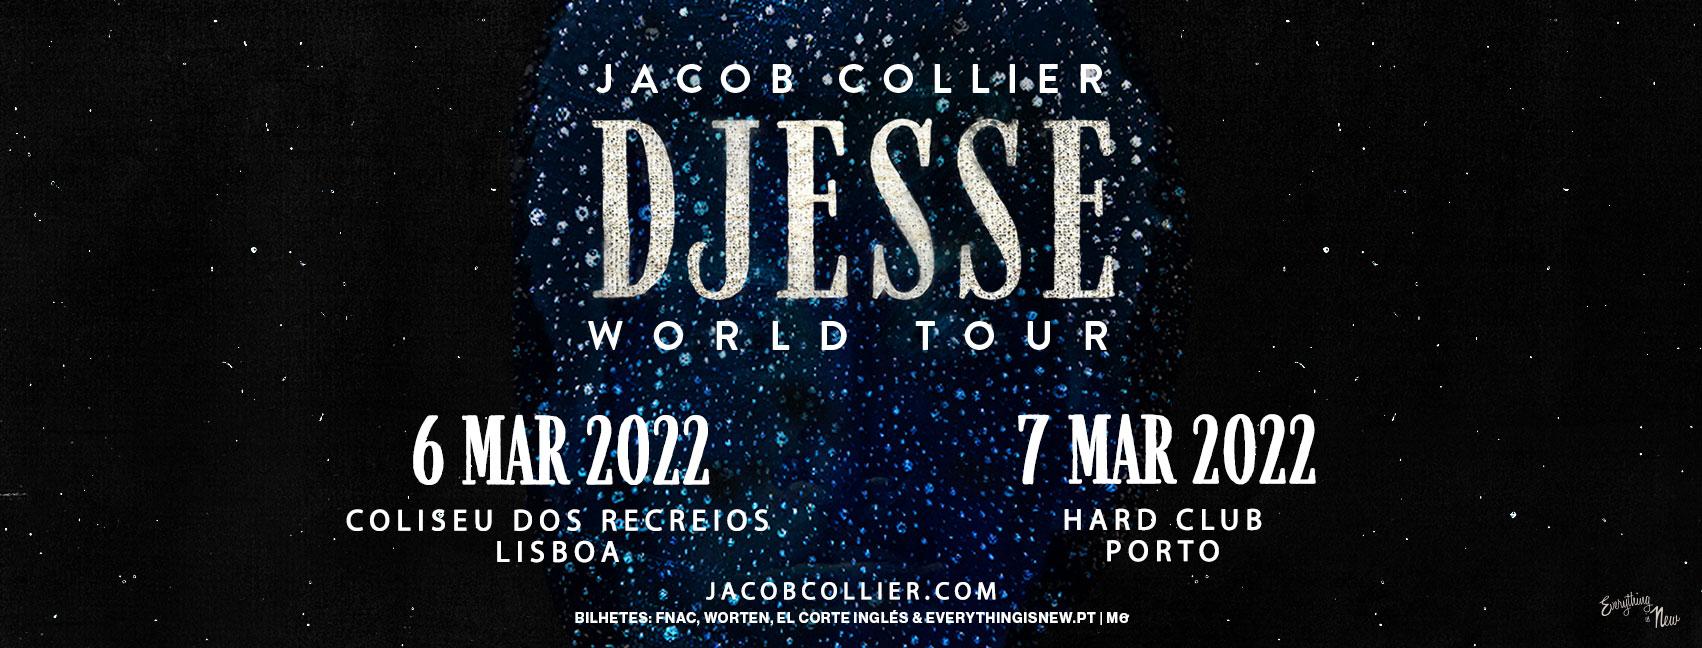 JACOB COLLIER // COLISEU DOS RECREIOS -  DJESSE WORLD TOUR SPRING 2022